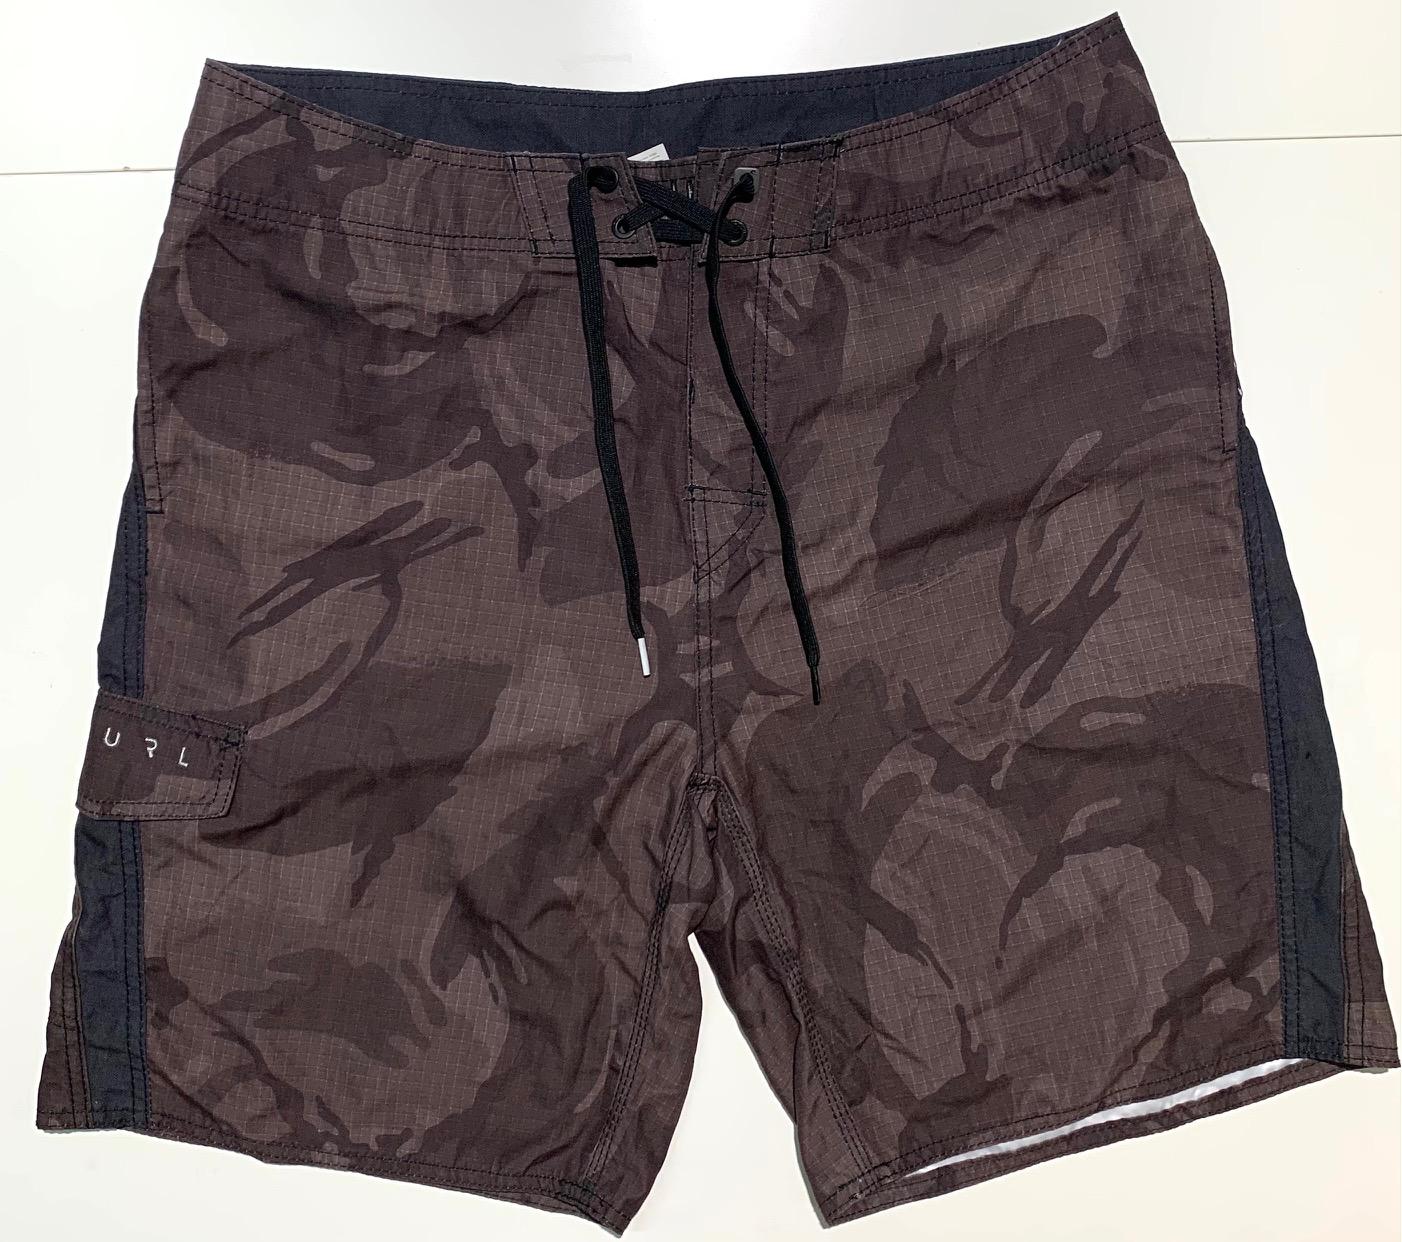 Шорты летние мужские от бренда RIP CURL коричневые